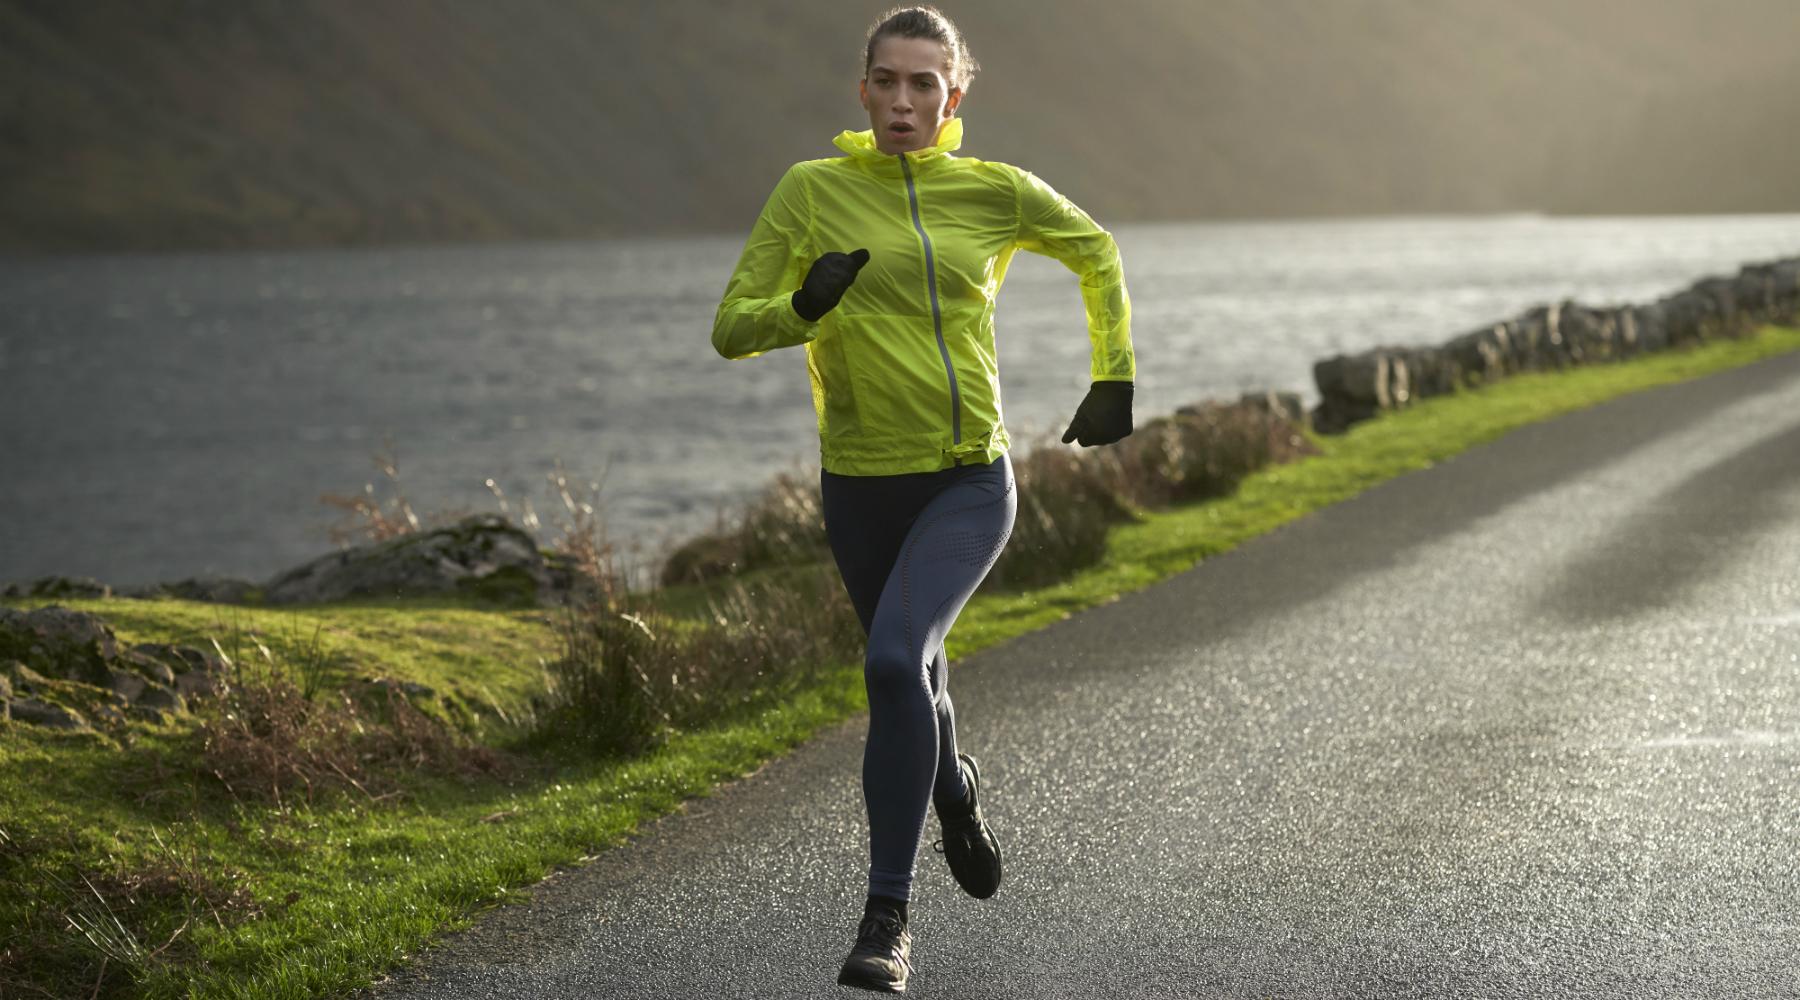 Kosttilskud til løbere for at holde pace og bevare en god form